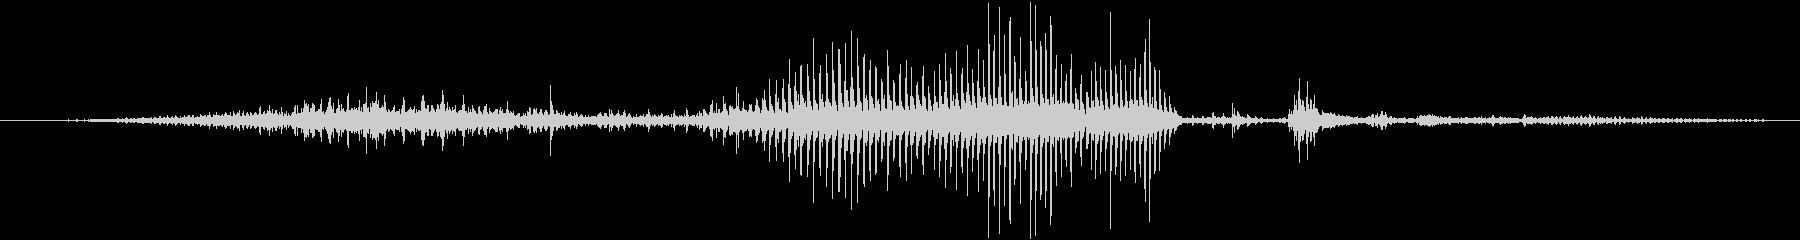 1913プジョー148:アプローチ...の未再生の波形